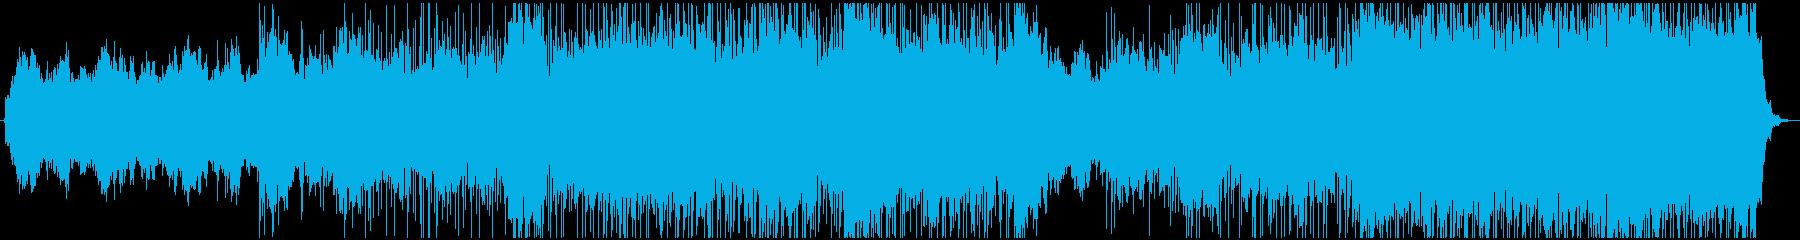 現代的 交響曲 ブレイクビーツ ア...の再生済みの波形